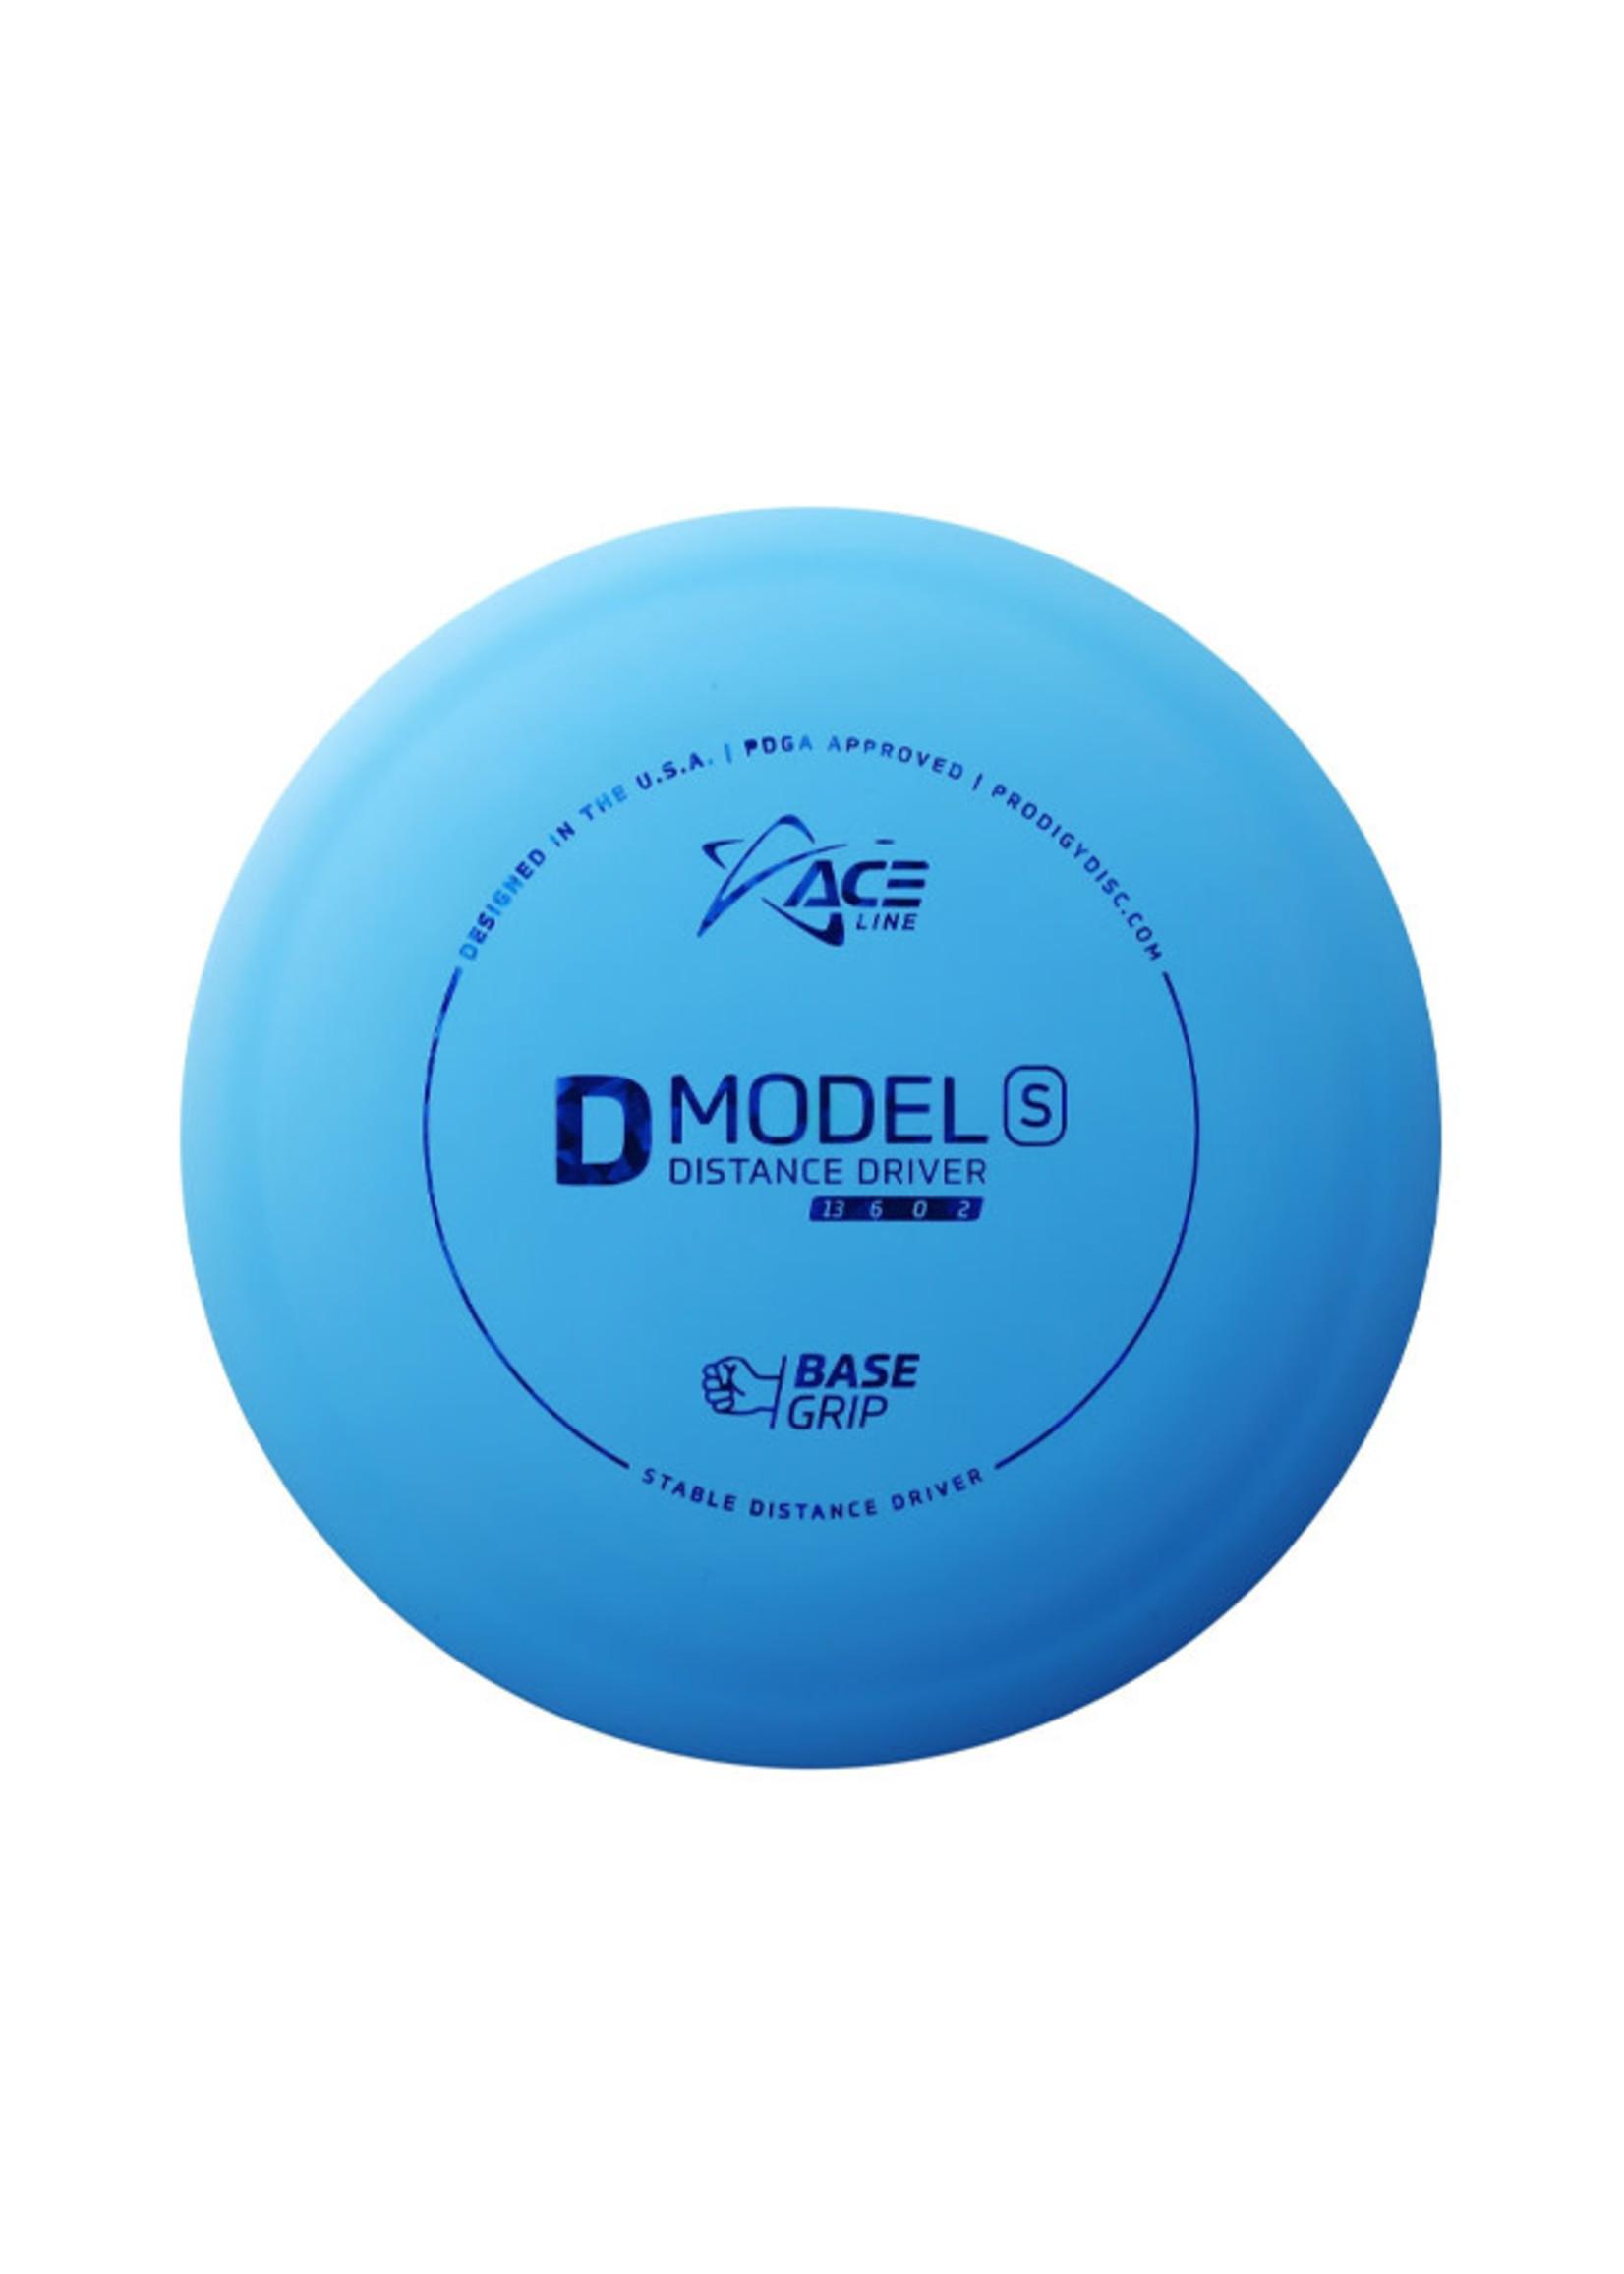 Prodigy Prodigy Ace D Model S Distance Driver